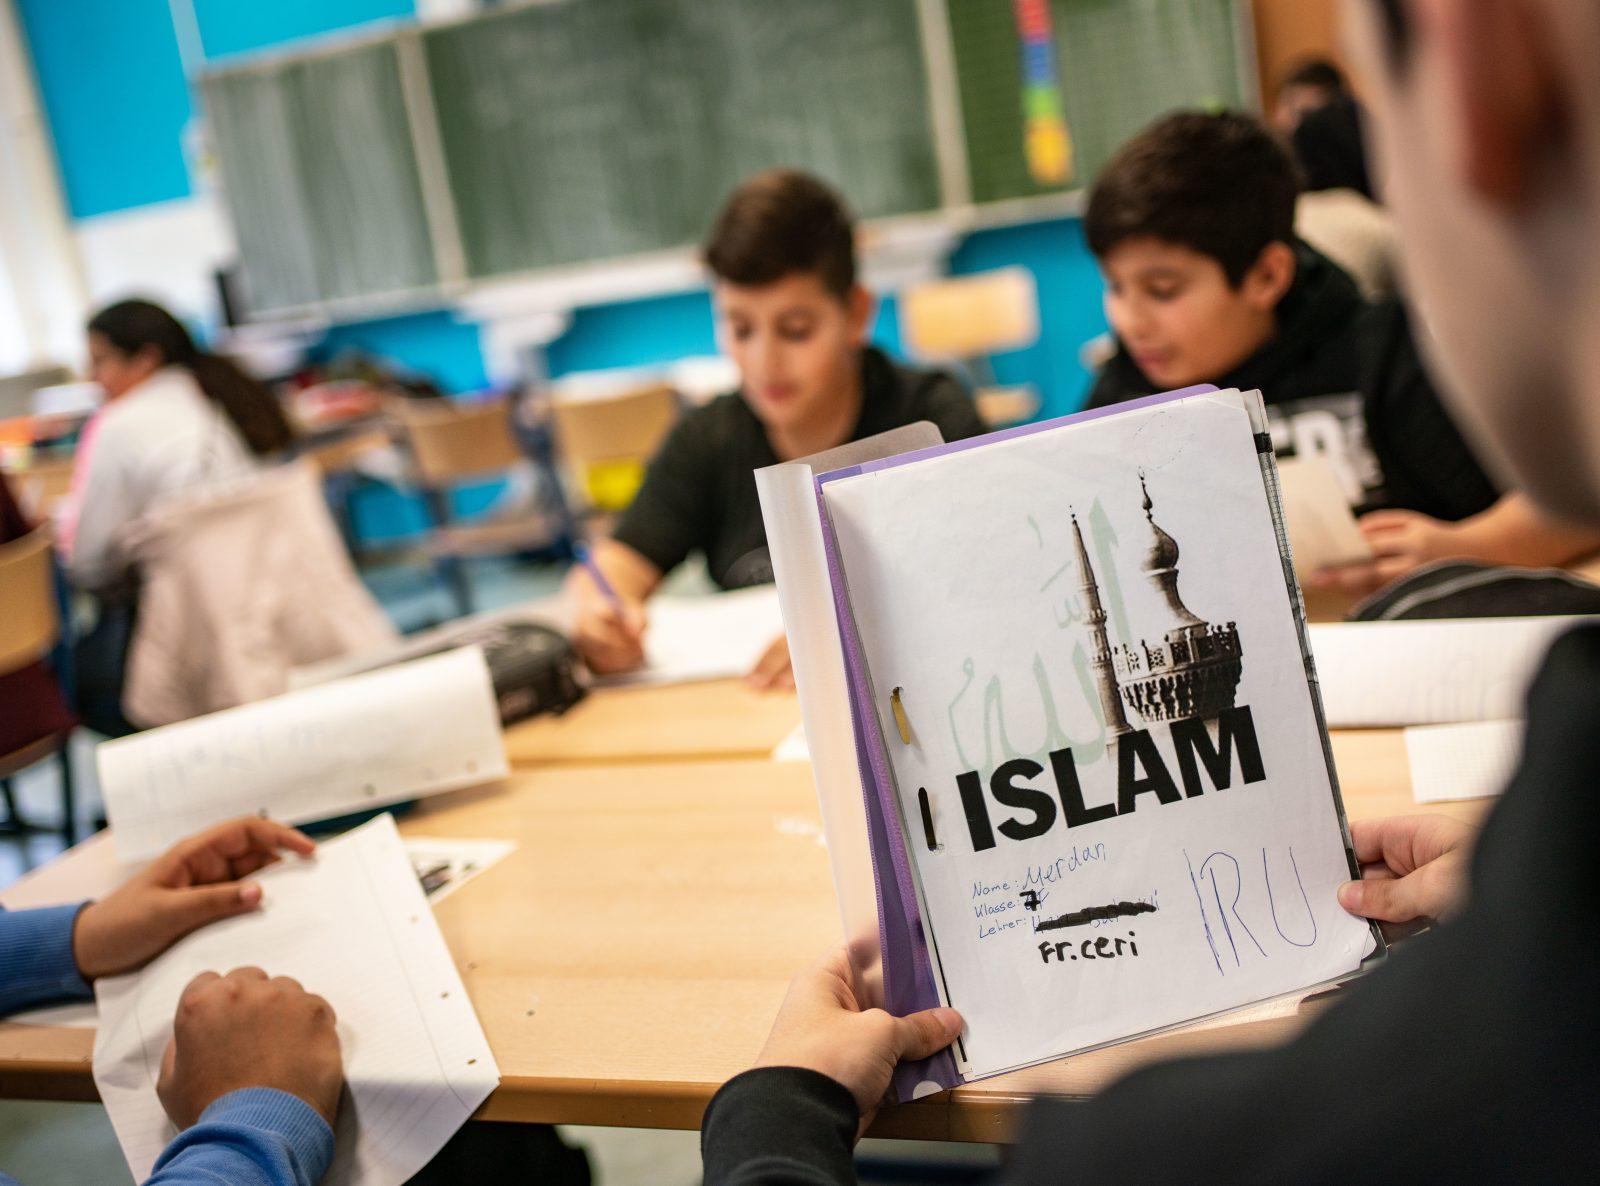 Unterricht: Der Deutsche Lehrerverband fordert Lehrer stärker bei Konflikten mit dem radikalen Islam an Schulen zu unterstützen